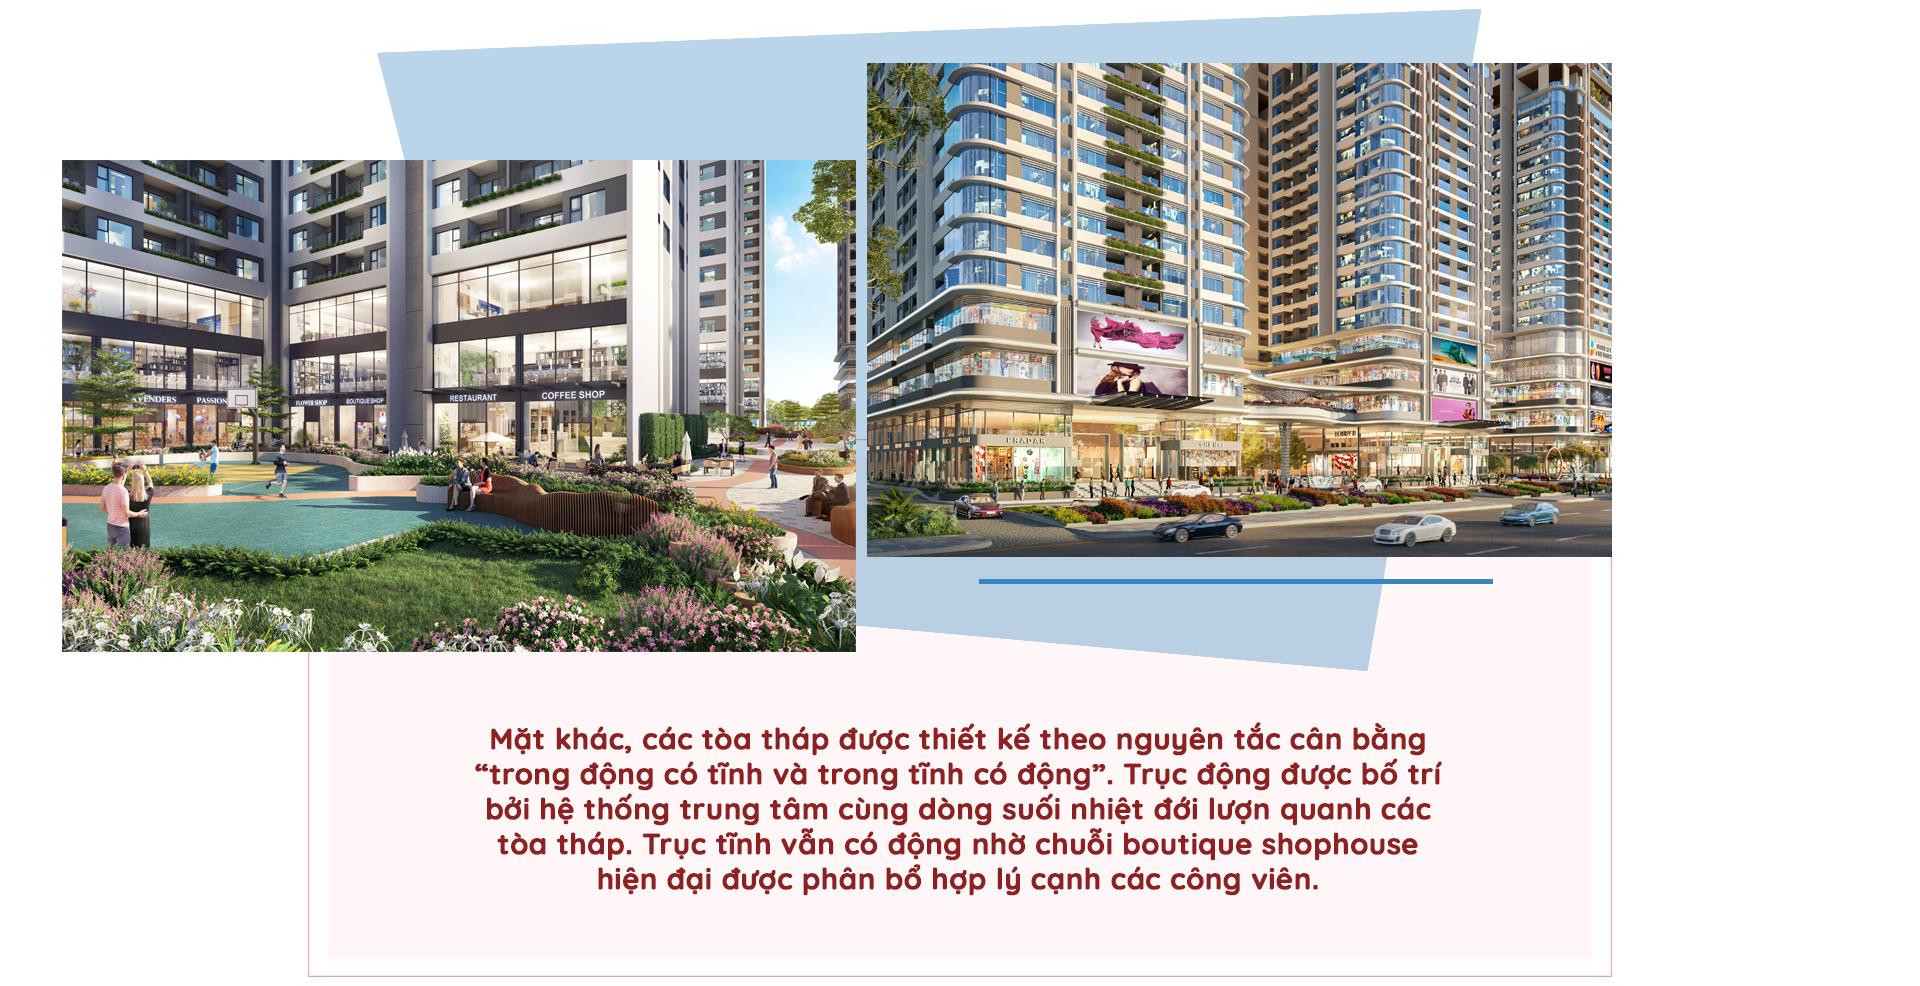 Kiến trúc 'dẫn sáng, đón gió' tại 8 tòa tháp Astral City 2020 15